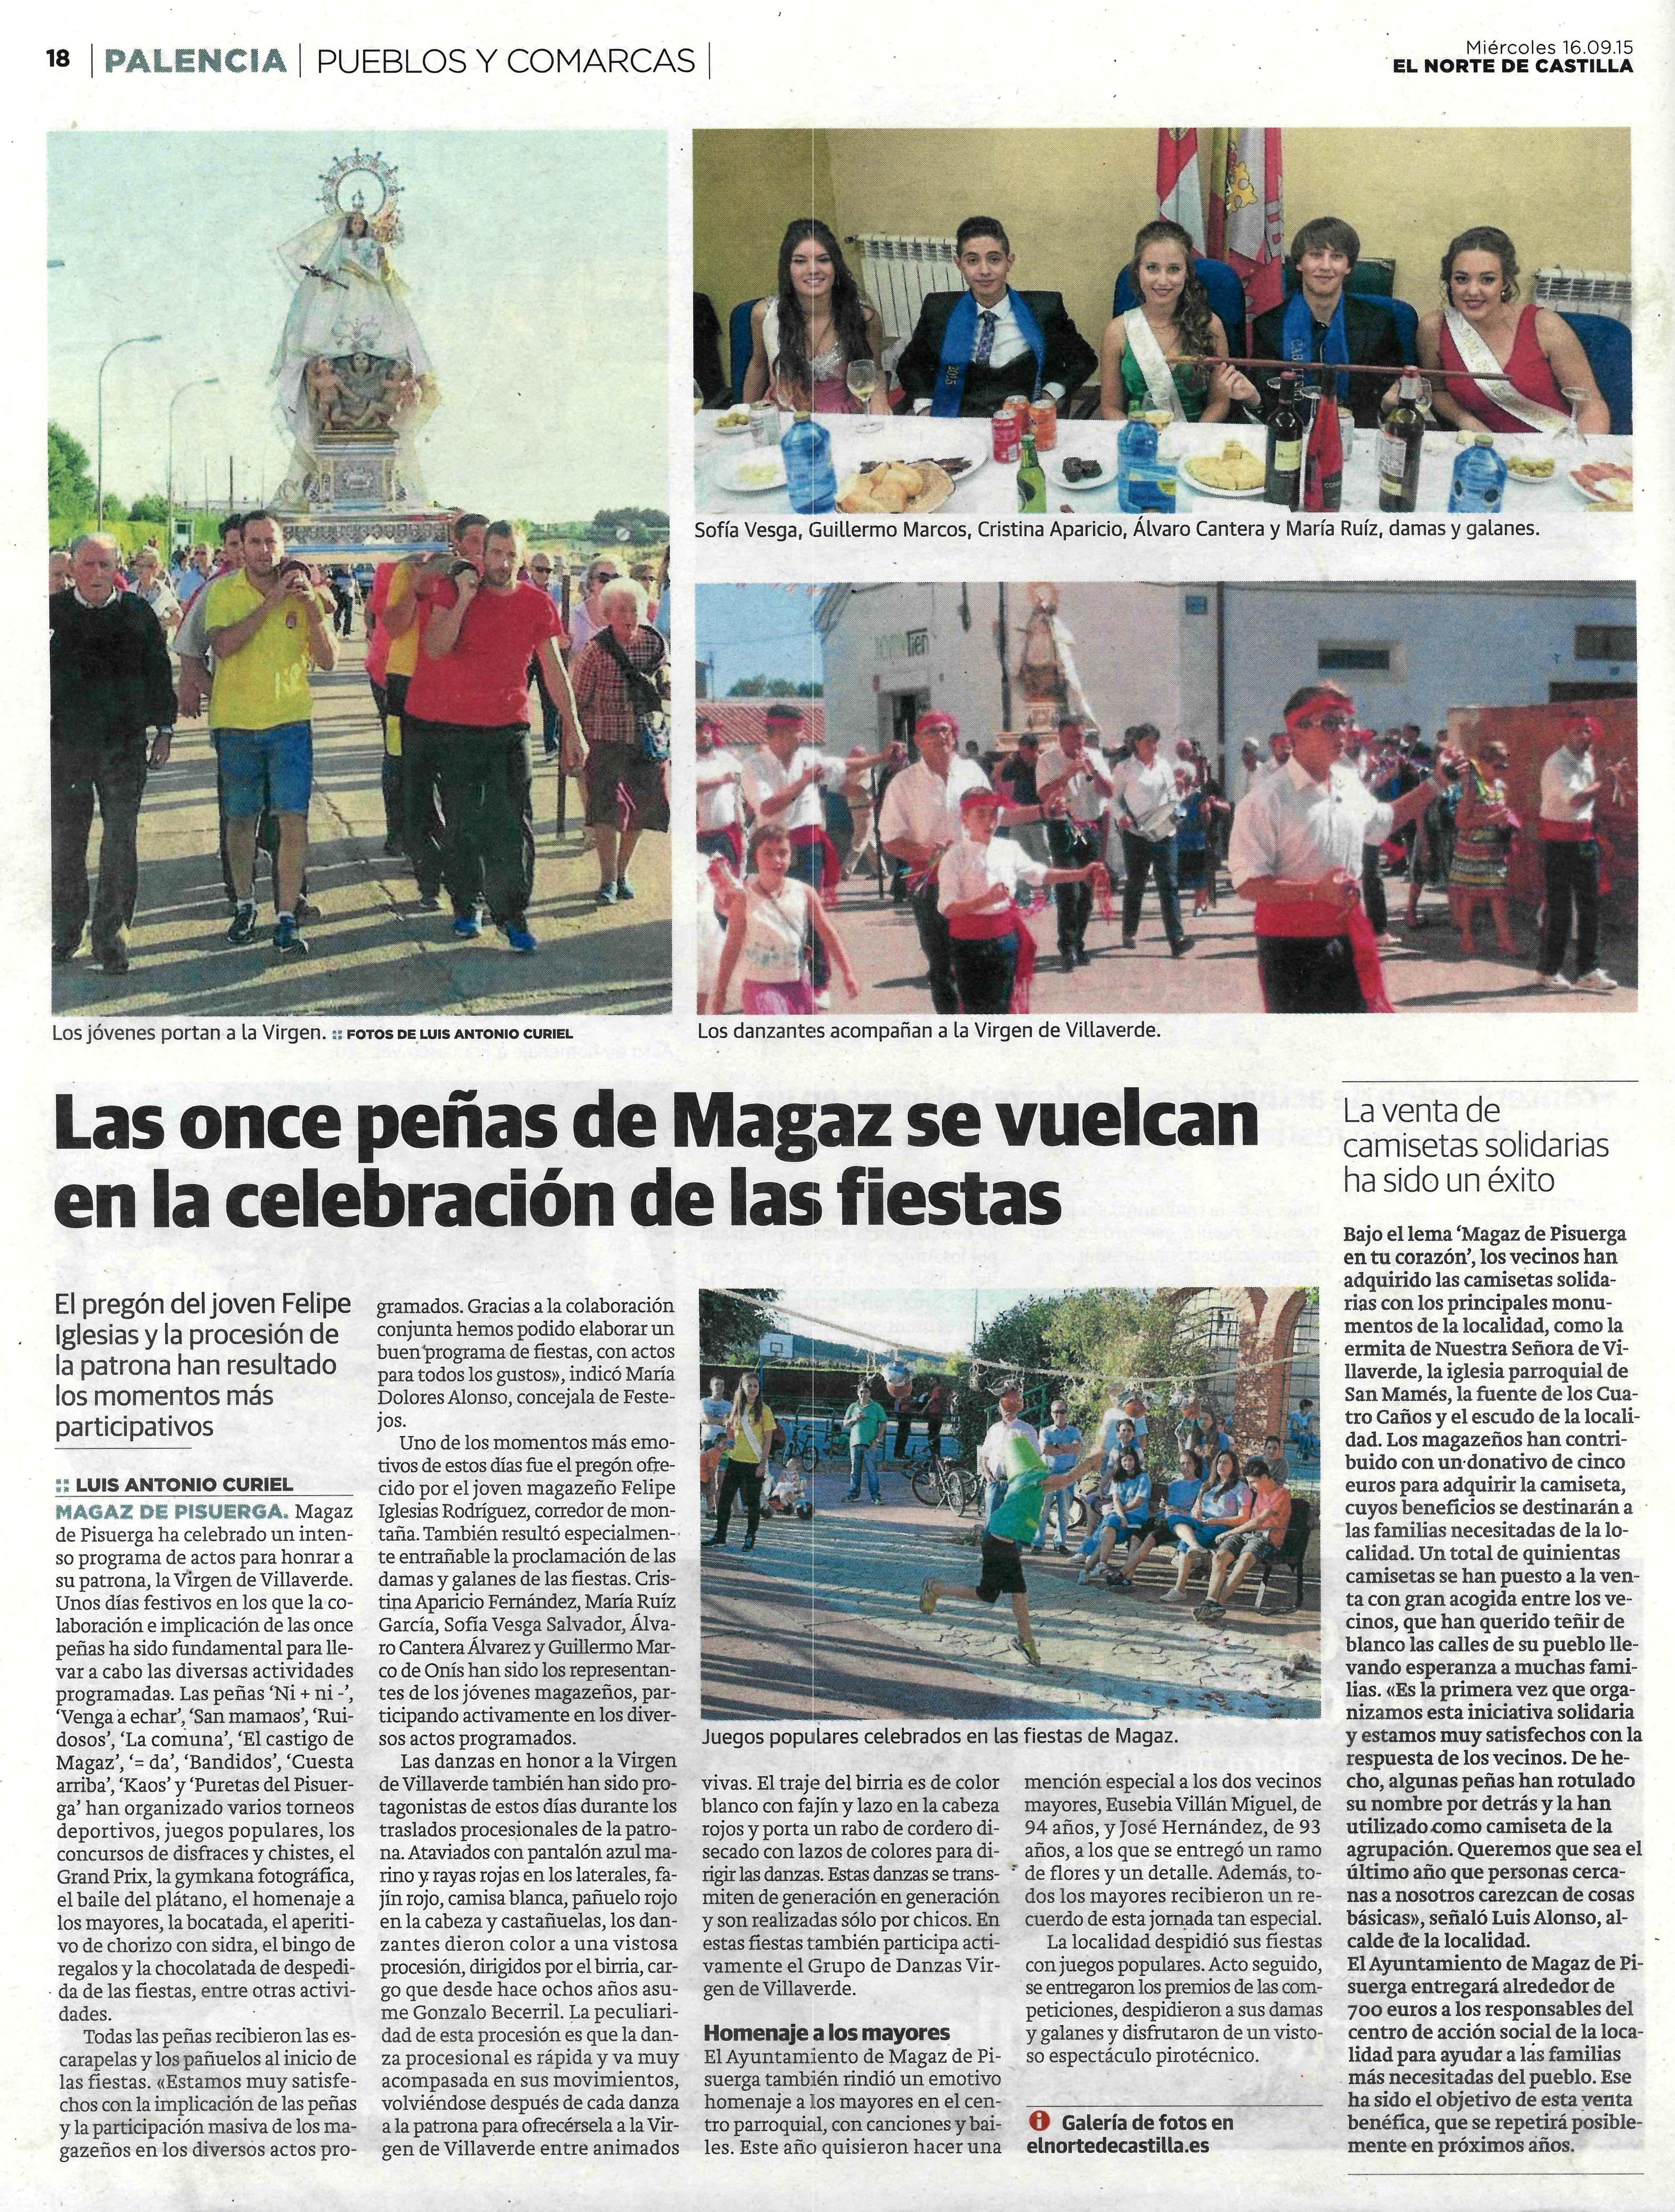 Magaz de Pisuerga se vuelca en la celebración de las fiestas